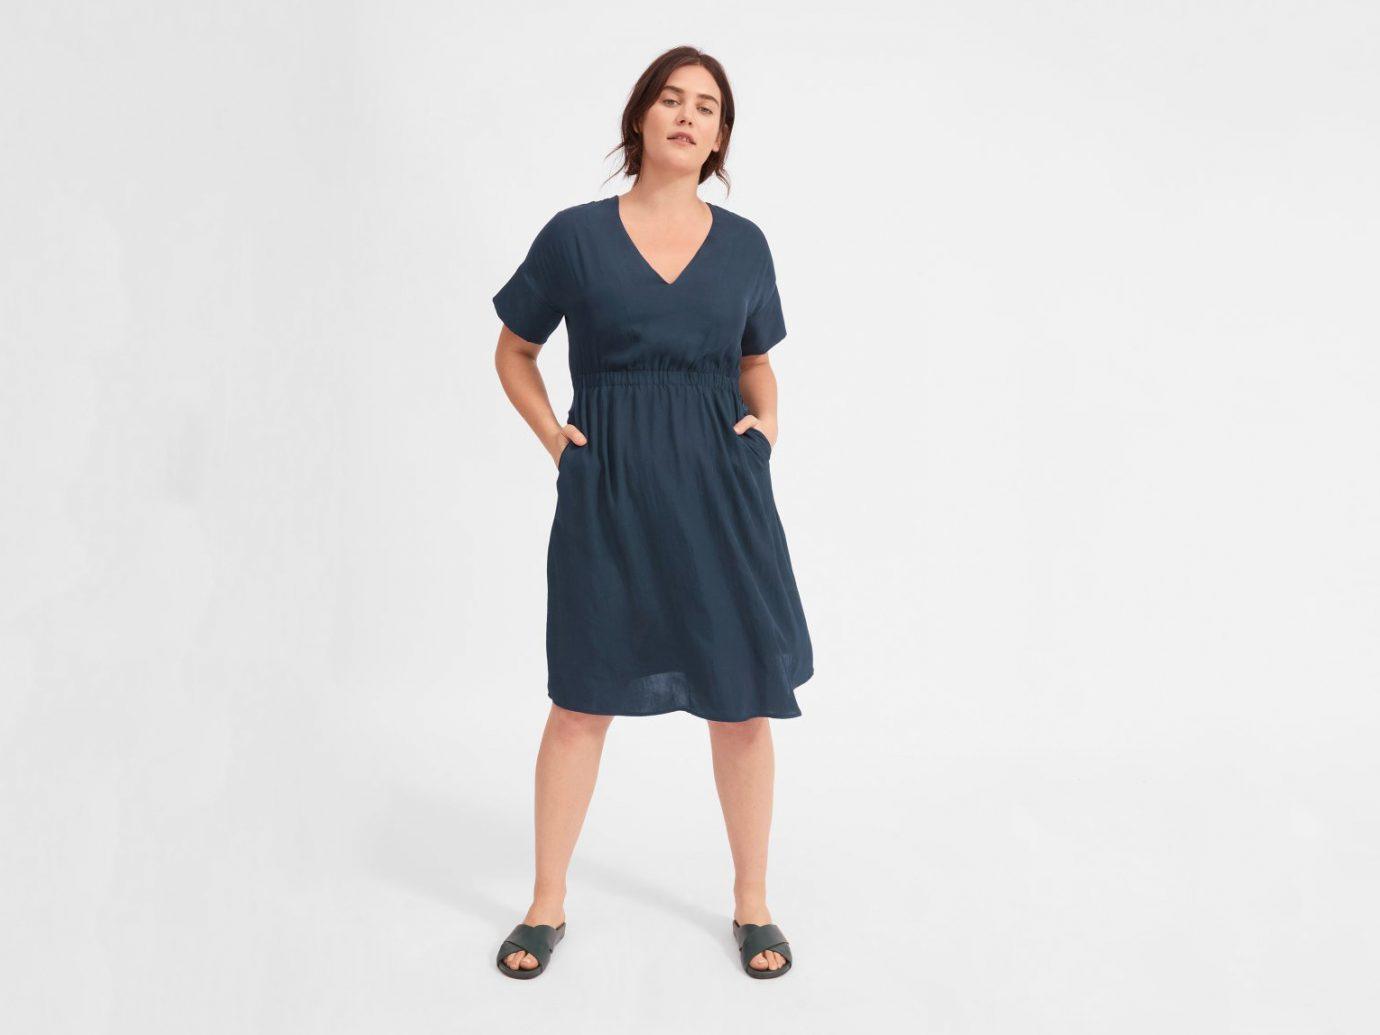 Wrinkle-resistant dress for travel: Everlane The Japanese GoWeave Light V-Neck Dress